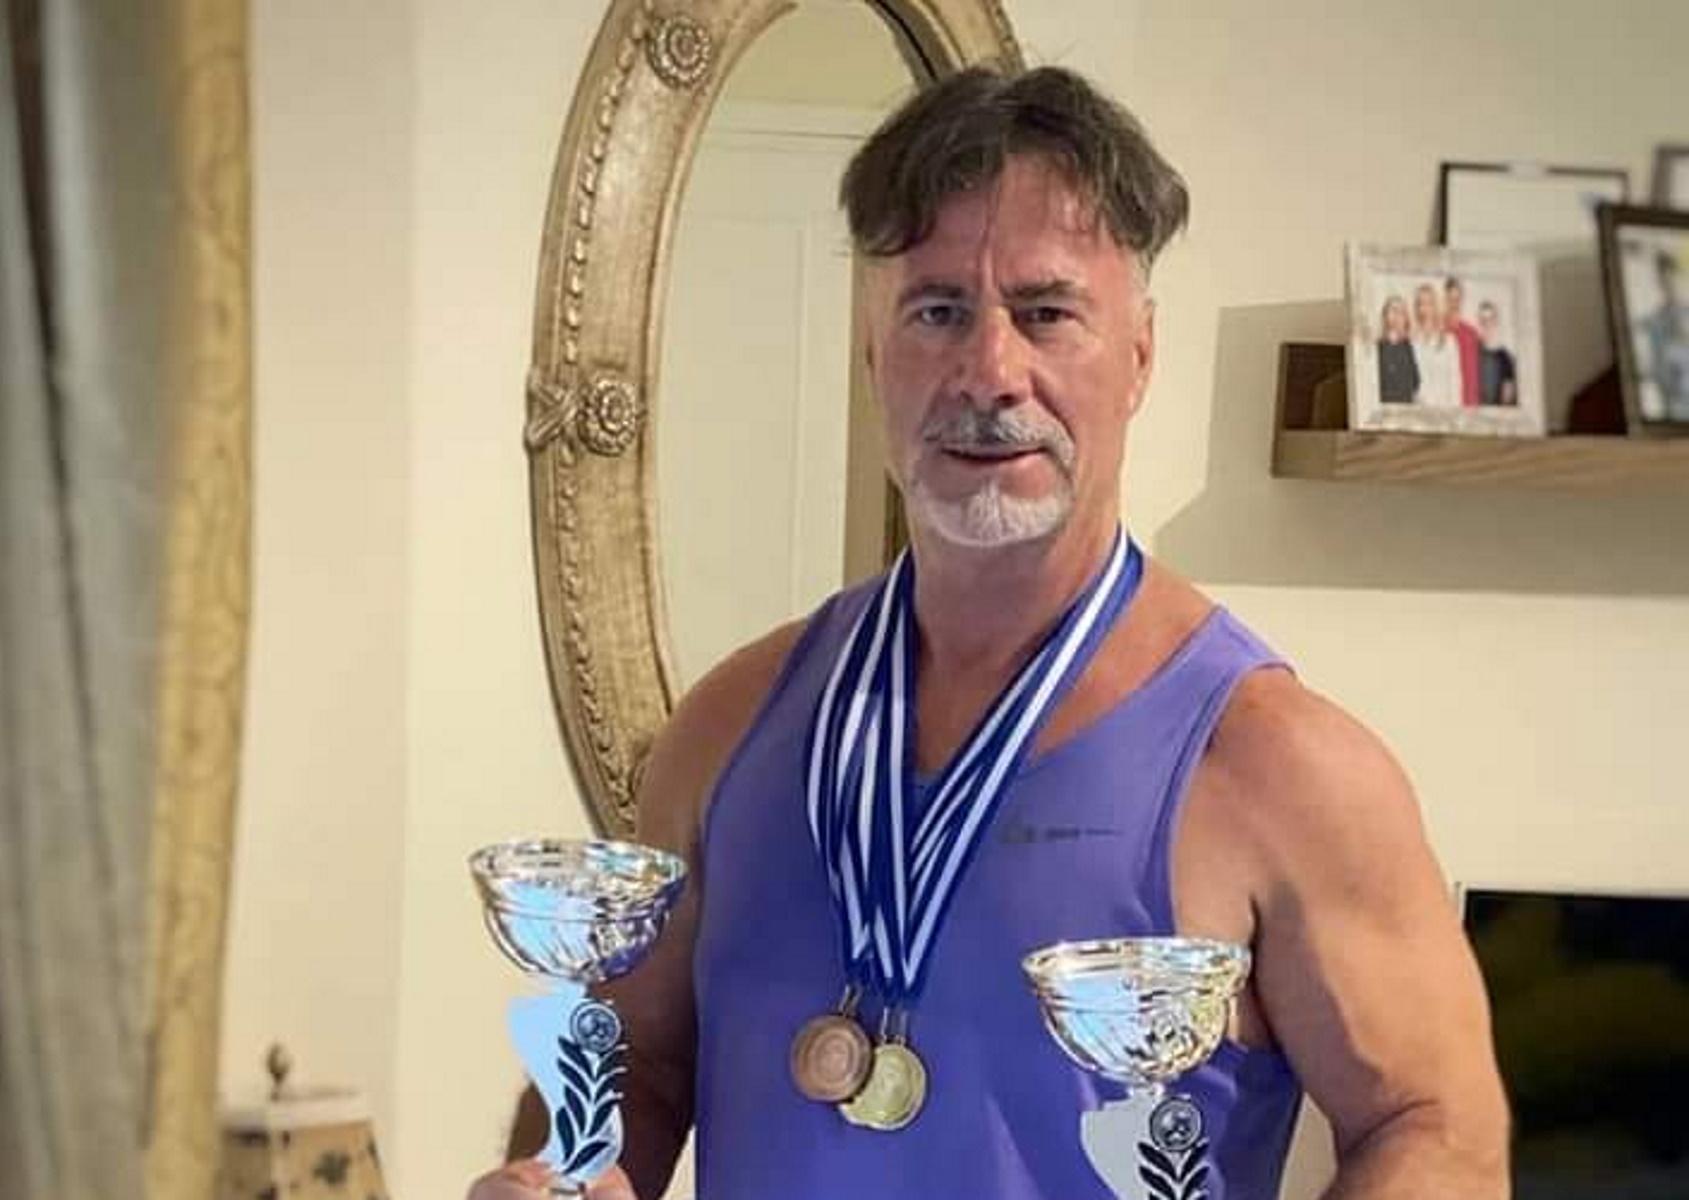 Πέθανε σε τροχαίο μαζί με τον γιο του ο βετεράνος αθλητής Γιώργος Ρασσιάς